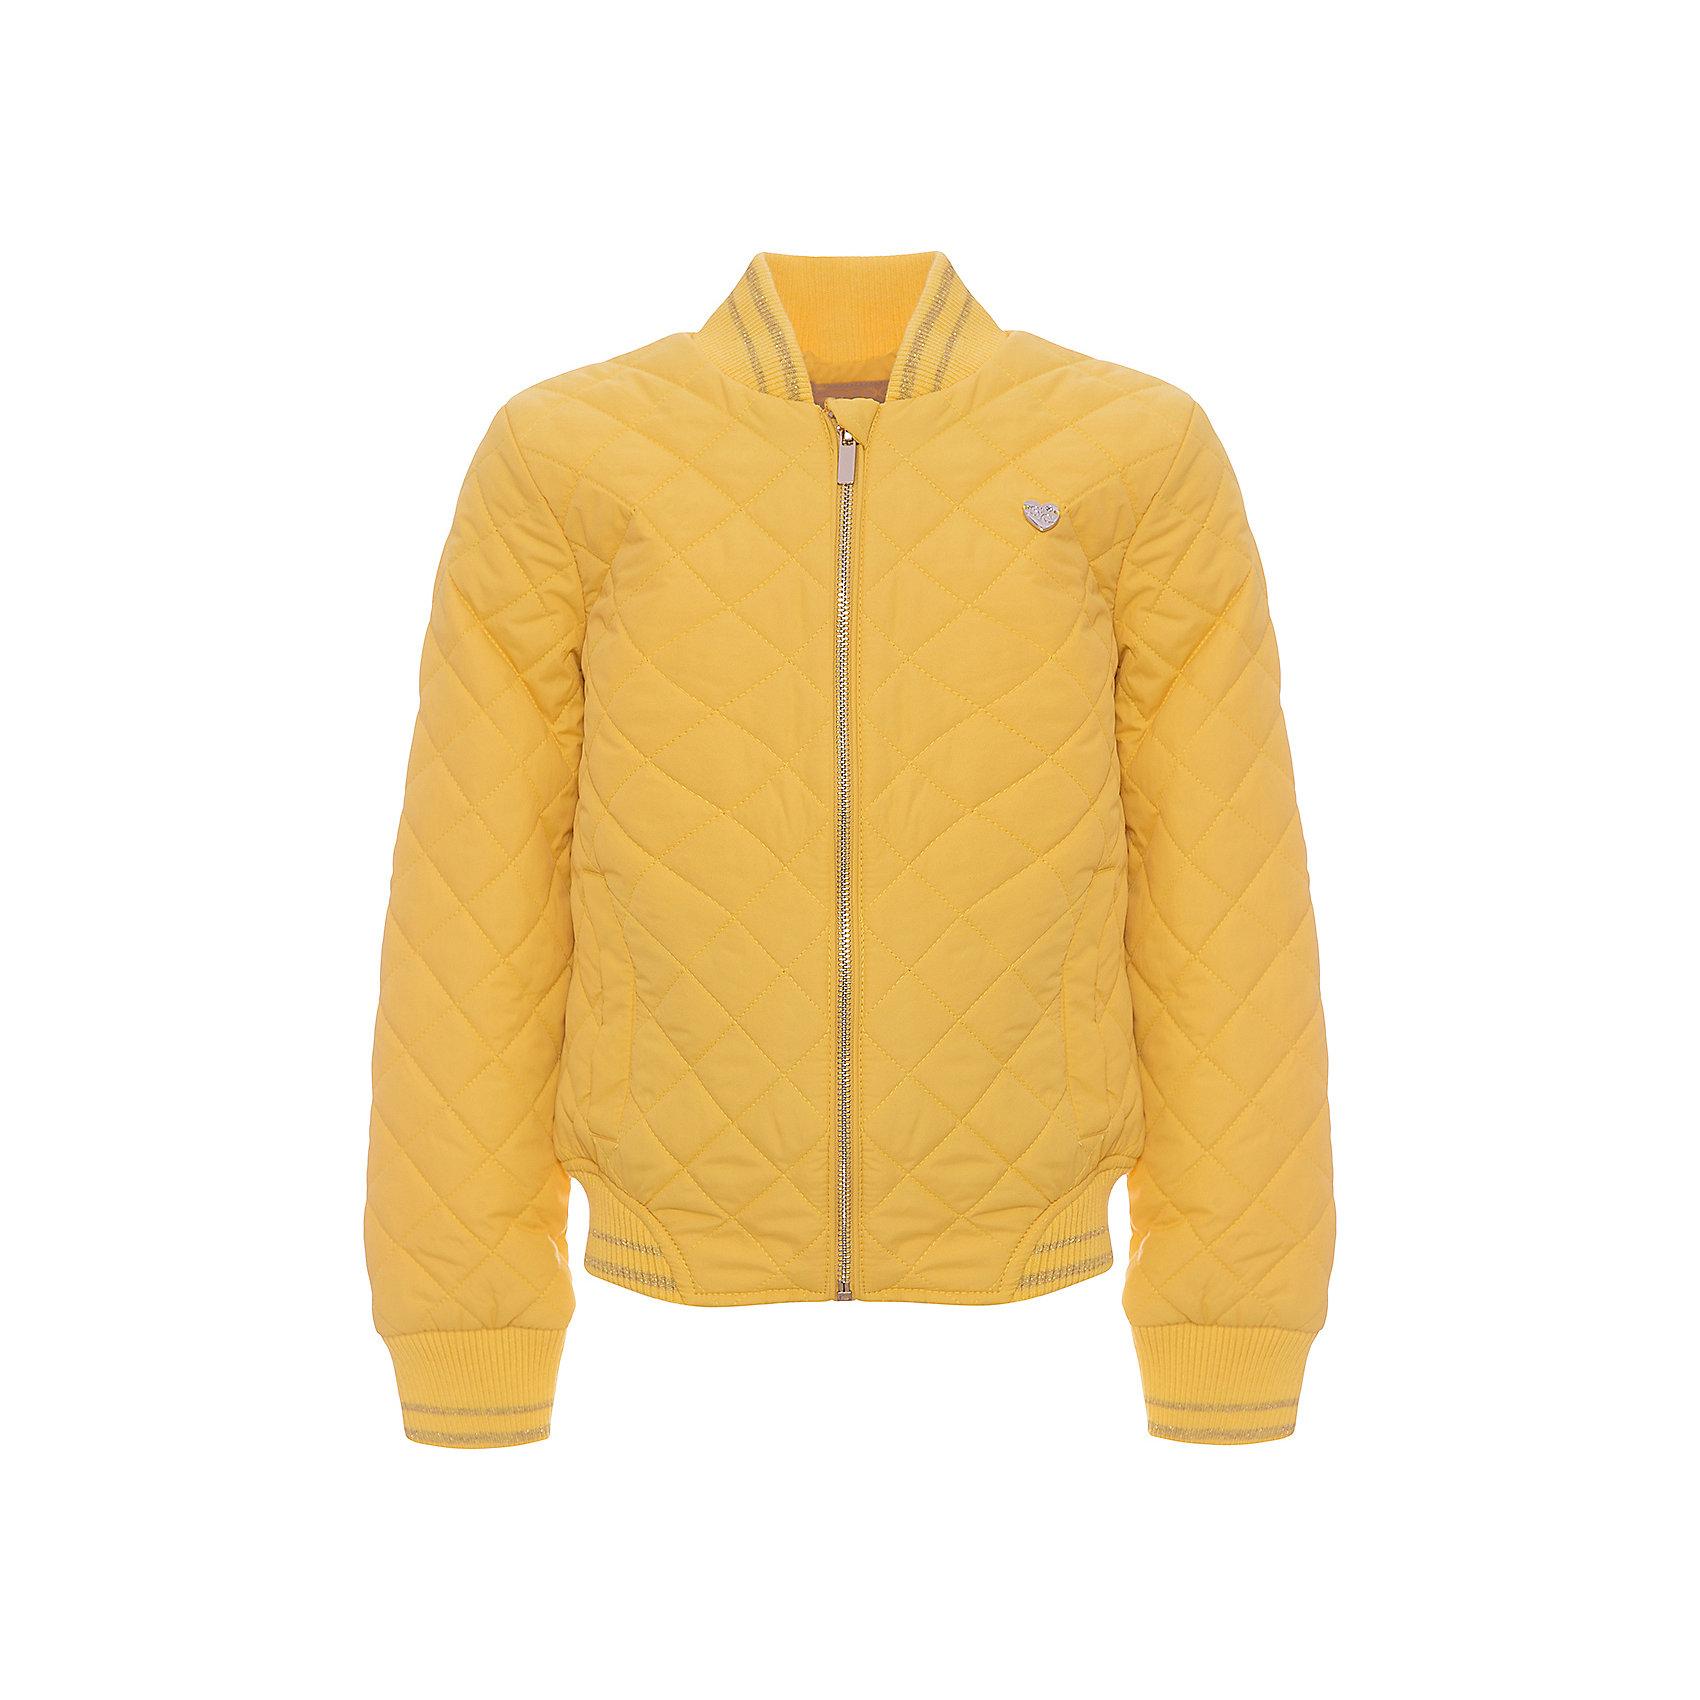 Куртка для девочки ScoolСицилия<br>Куртка для девочки Scool<br>Практичная стильная стеганая куртка со специальной водоотталкивающей пропиткой  - прекрасное решение для прохладной погоды. Мягкие трикотажные резинки на рукавах защитят Вашего ребенка - ветер не сможет проникнуть под куртку. Специальный карман для фиксации застежки-молнии не позволит застежке травмировать нежную кожу ребенка.Преимущества: Водоооталкивающая пропиткаСветооражатель<br>Состав:<br>Верх: 100% полиэстер, подкладка: 60% полиэстер, 40% хлопок, наполнитель: 100% полиэстер, 80 г/м2<br><br>Ширина мм: 356<br>Глубина мм: 10<br>Высота мм: 245<br>Вес г: 519<br>Цвет: желтый<br>Возраст от месяцев: 156<br>Возраст до месяцев: 168<br>Пол: Женский<br>Возраст: Детский<br>Размер: 164,134,140,146,152,158<br>SKU: 5406862